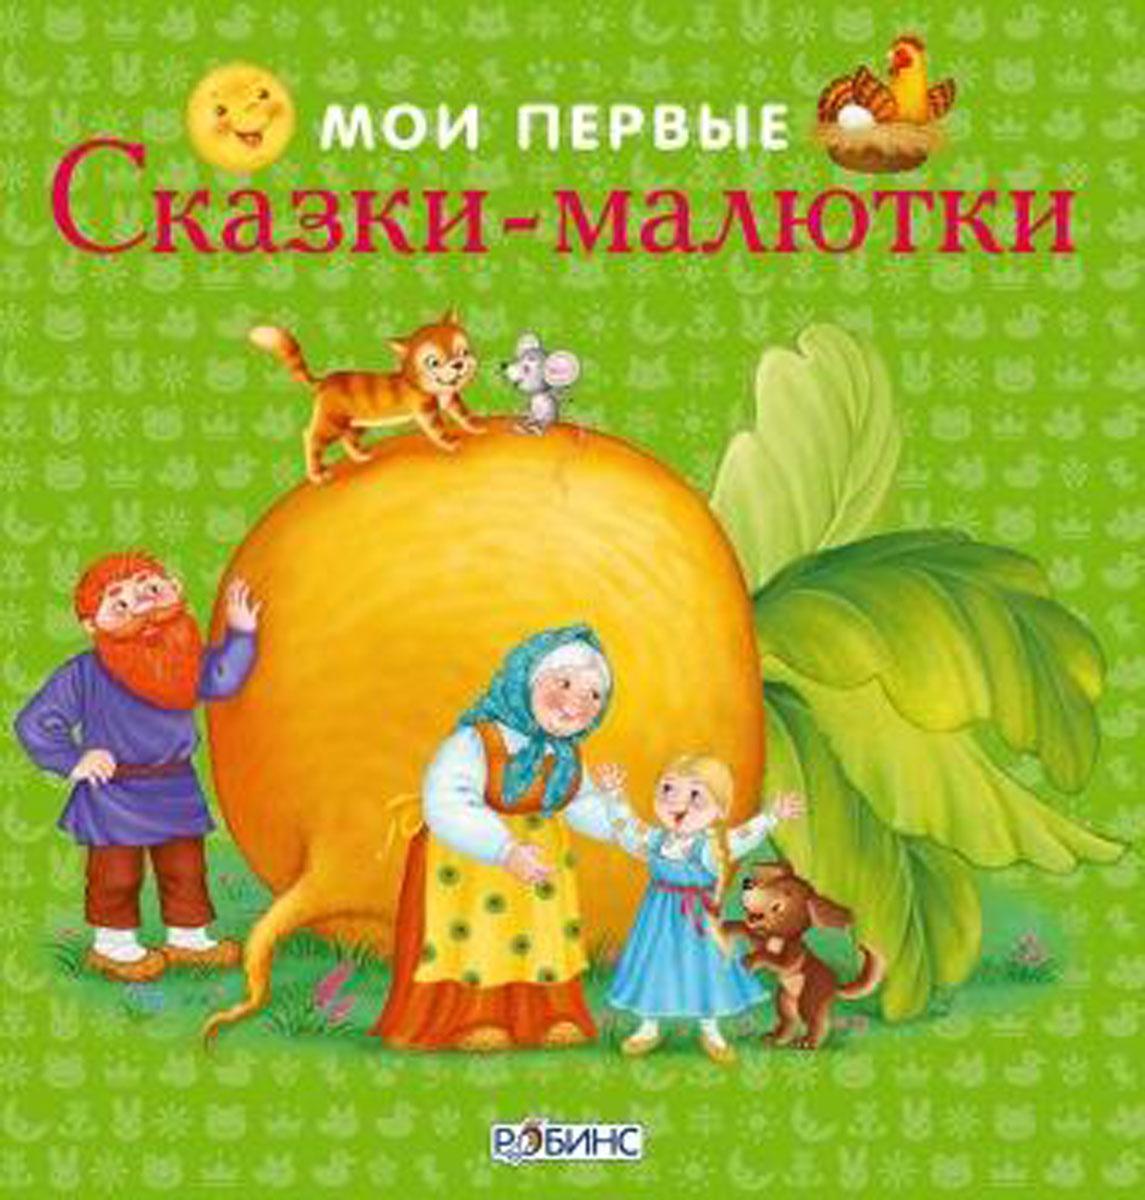 Мои первые сказки-малютки12296407Сказки-кубики Мои первые сказки-малютки - это удивительное развивающее пособие для малыша от самого рождения. Рассматривайте вместе с ним картинки, читая сказки и играя в книжки кубики, вы способствуете развитию мелкой моторики, памяти и внимания, а также воображения и эмоциональной активности. Внутри вы найдете 4 книжки-кубика с крупными сюжетными картинками и текстами сказок. Содержание: Курочка-ряба; Колобок; Теремок; Репка. Каждая книжка - это еще и трещетка! В чем особенность книги: - Яркие, крупные иллюстрации; - 4 сказки в небольшом формате. Что найдем внутри: - 4 книжки; - Веселое времяпрепровождение. Содержание: - Веселые картинки. Важно знать родителям: - Книга предназначена для детей от 1 года; - Развивает мелкую моторику, память, внимание, восприятие, воображение, мышление, логические способности; - Интересные сказочные персонажи.